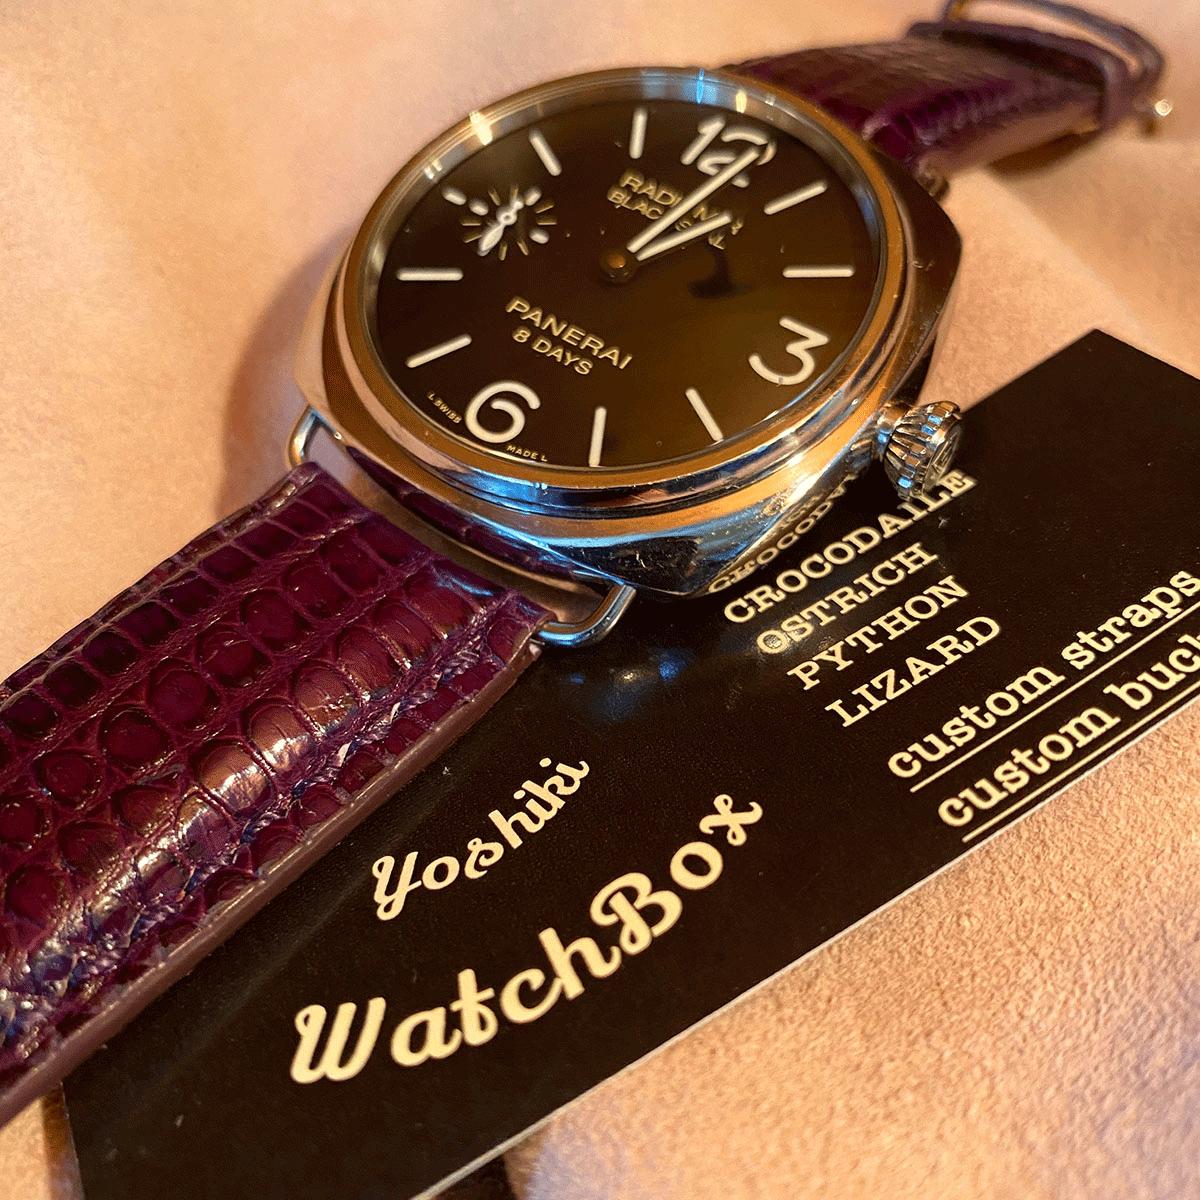 パープルの時計は私の思い出の色。。。page-visual パープルの時計は私の思い出の色。。。ビジュアル